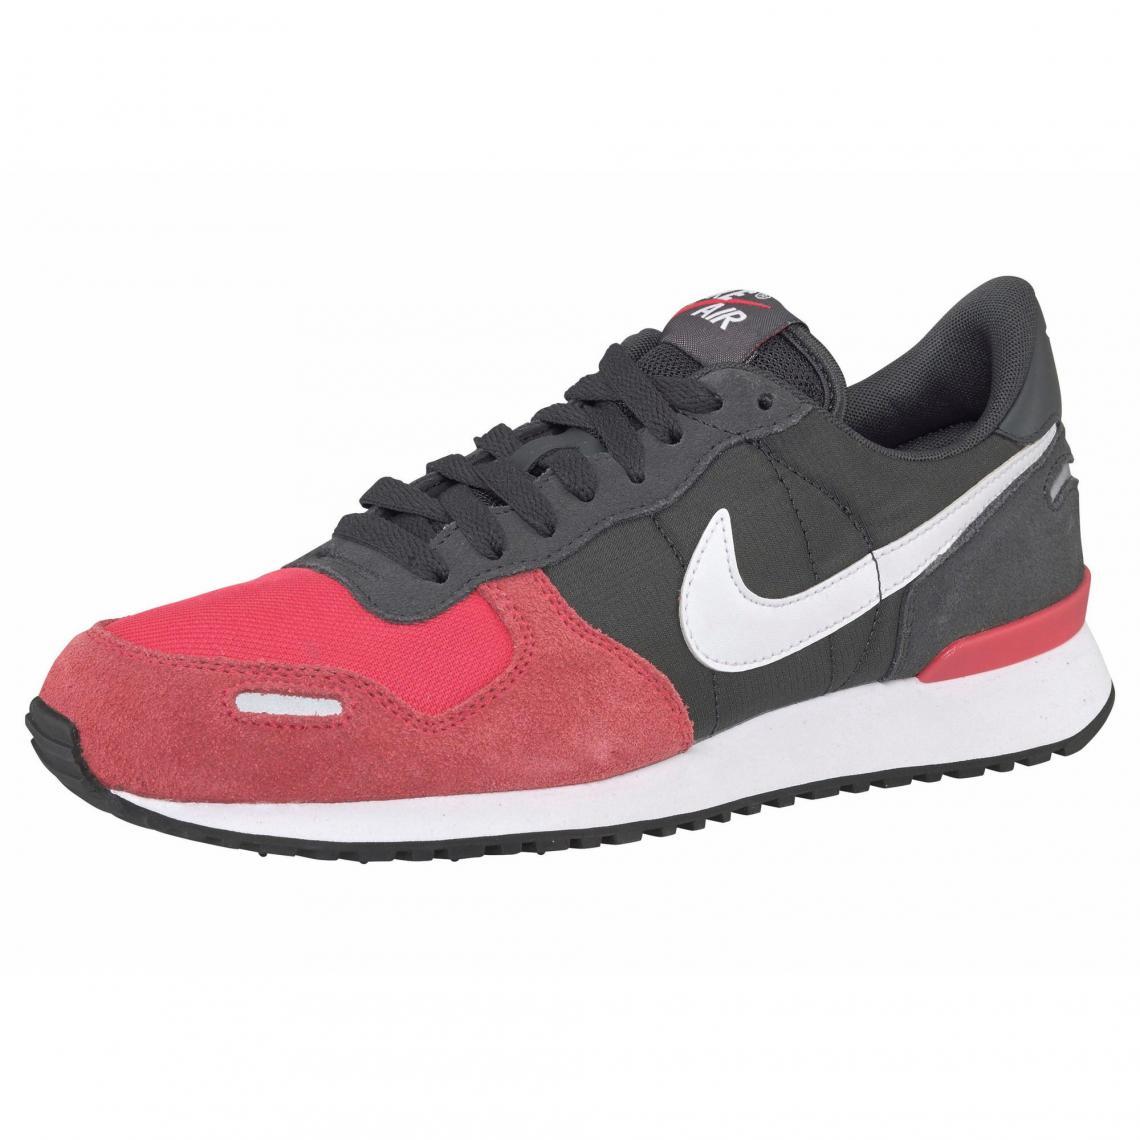 Chaussures Sport Vortex Homme Nike Rouge Air Gris 3suisses M De rpw5TxqSr